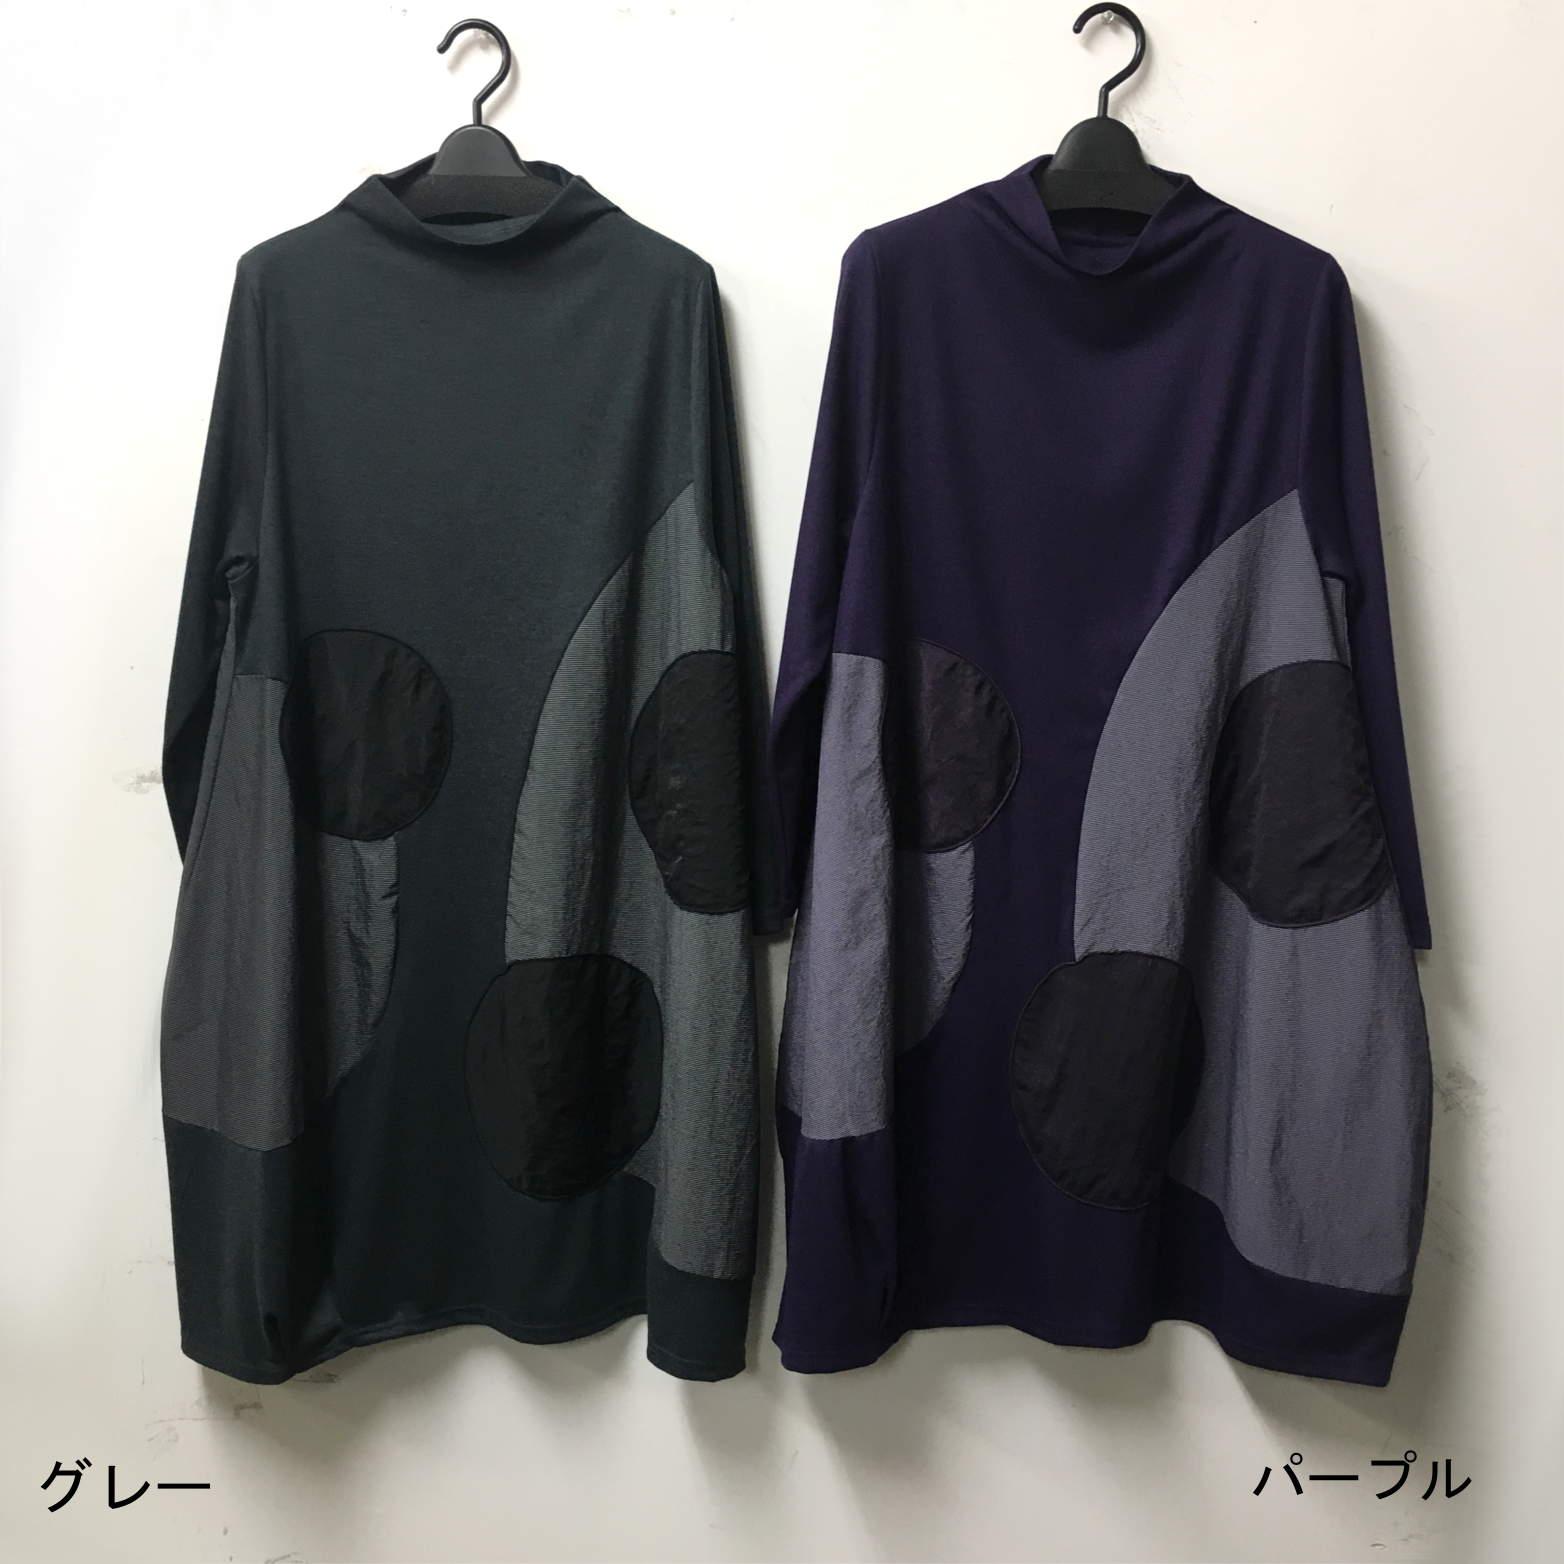 【ジェーユースタイル】コクーンワンピース